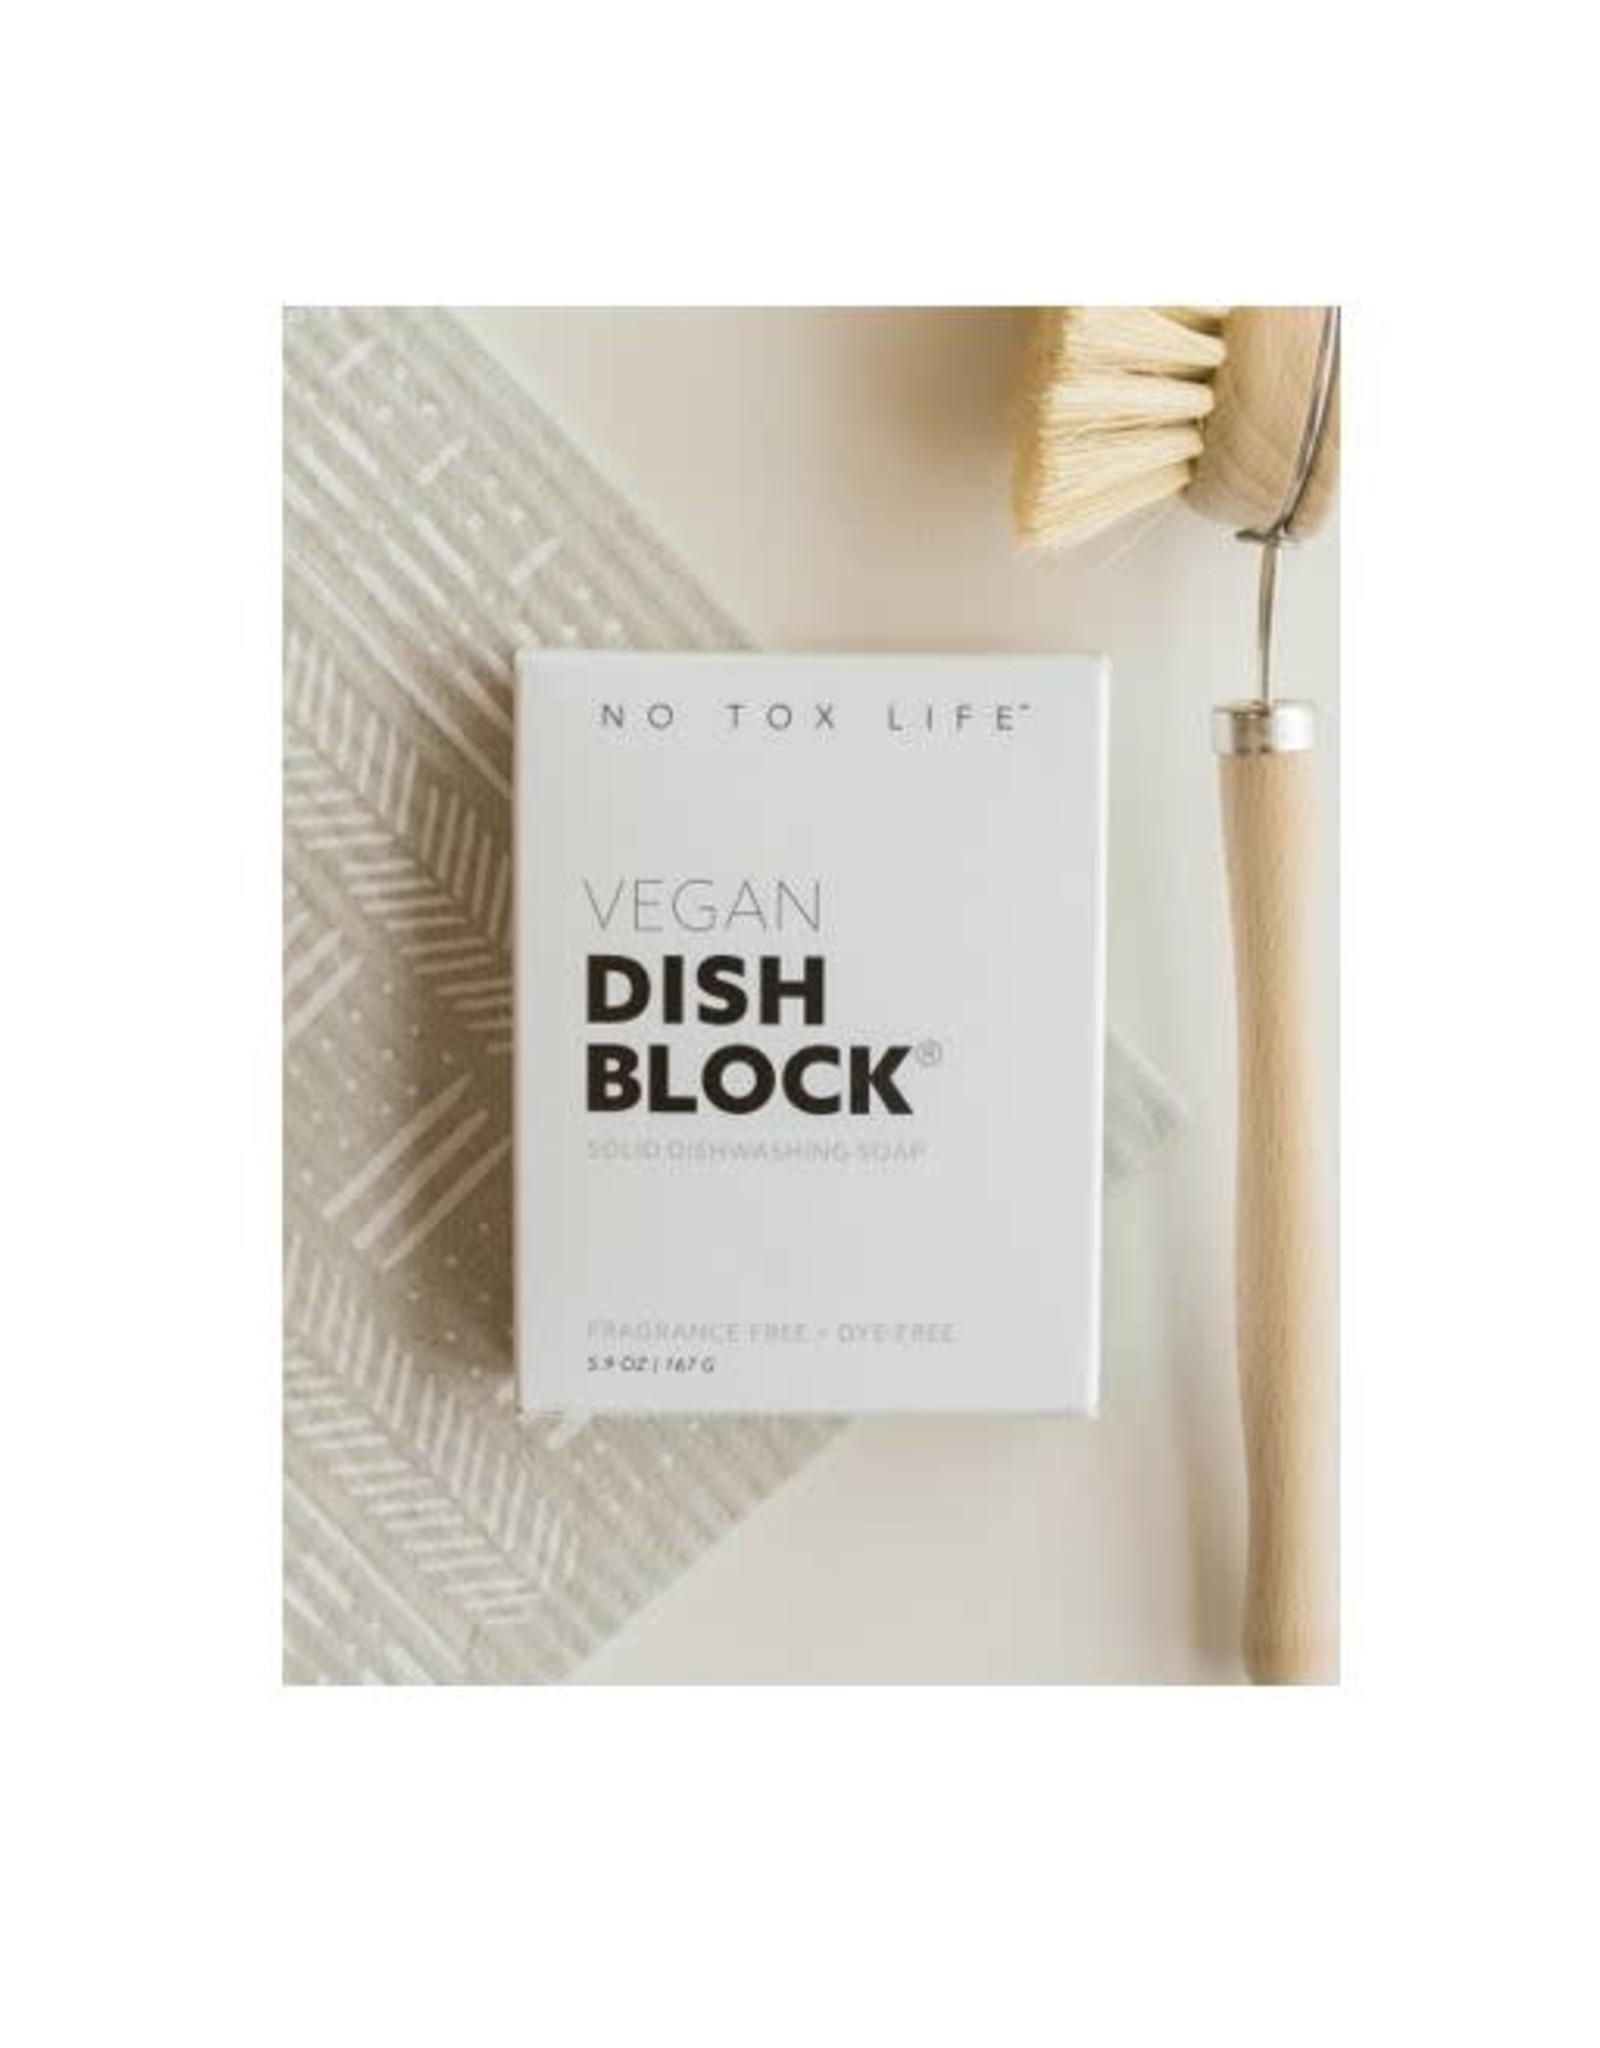 Dish Block -  5.9oz